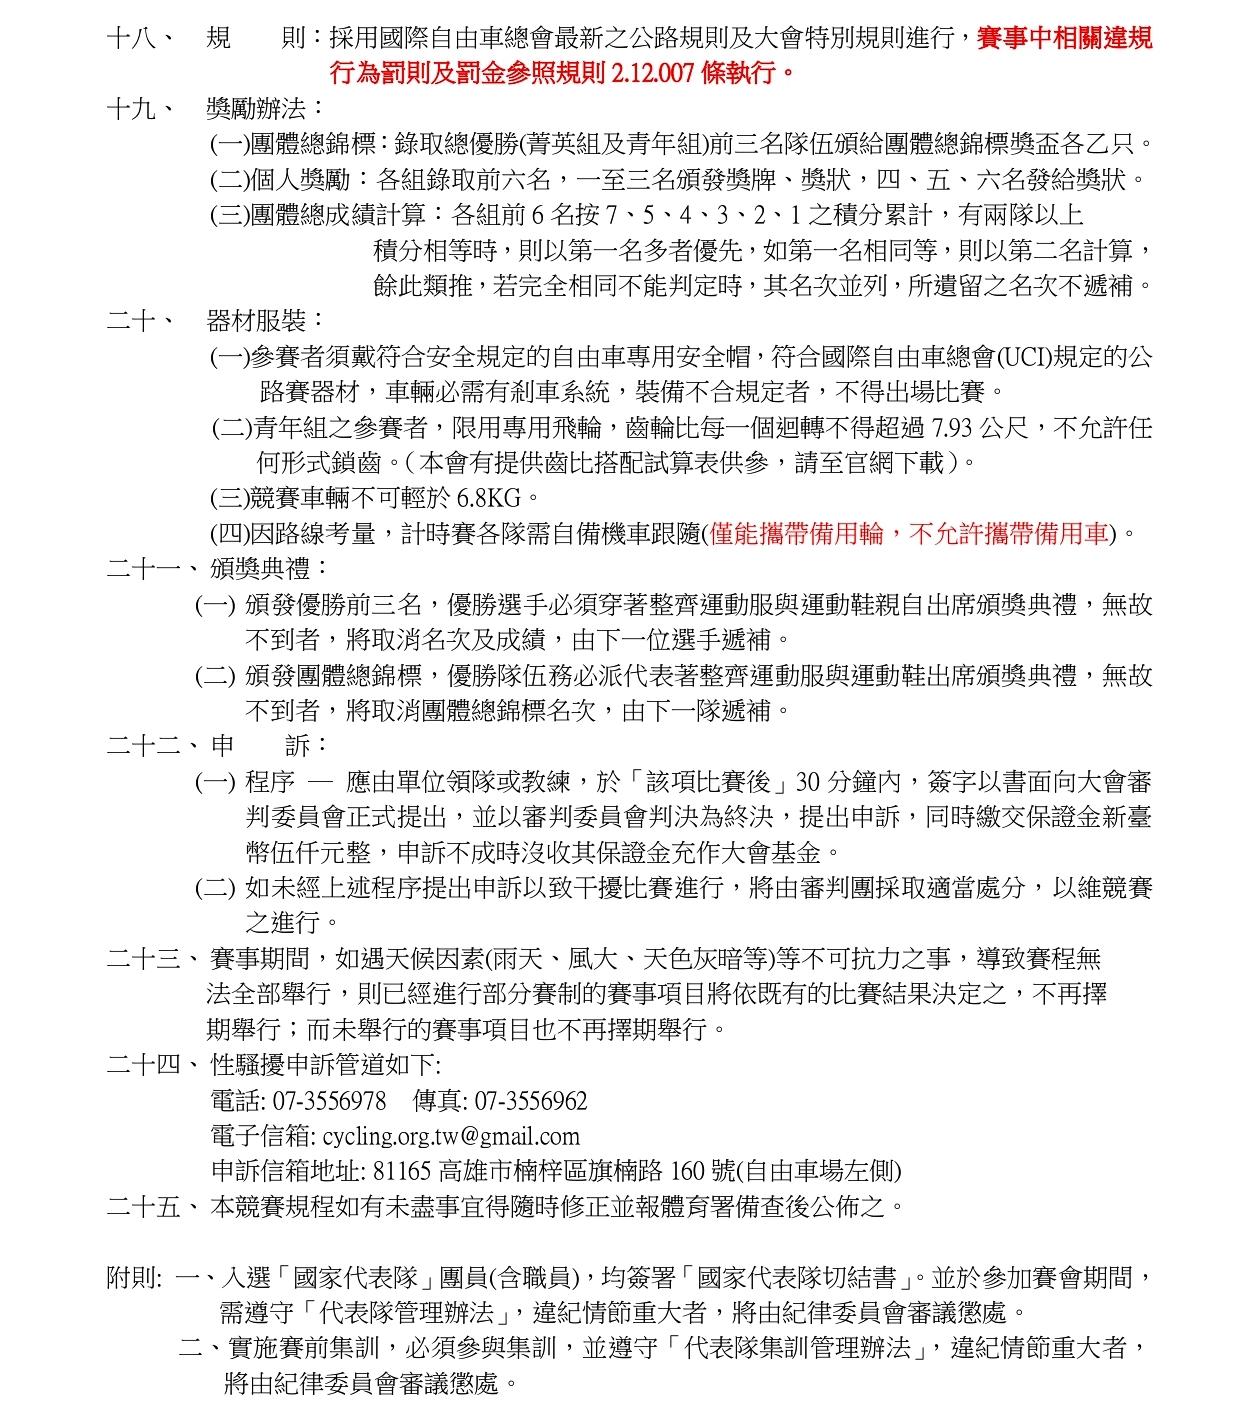 109年全國自由車公路錦標賽_競賽規程1027final_pages-to-jpg-0005